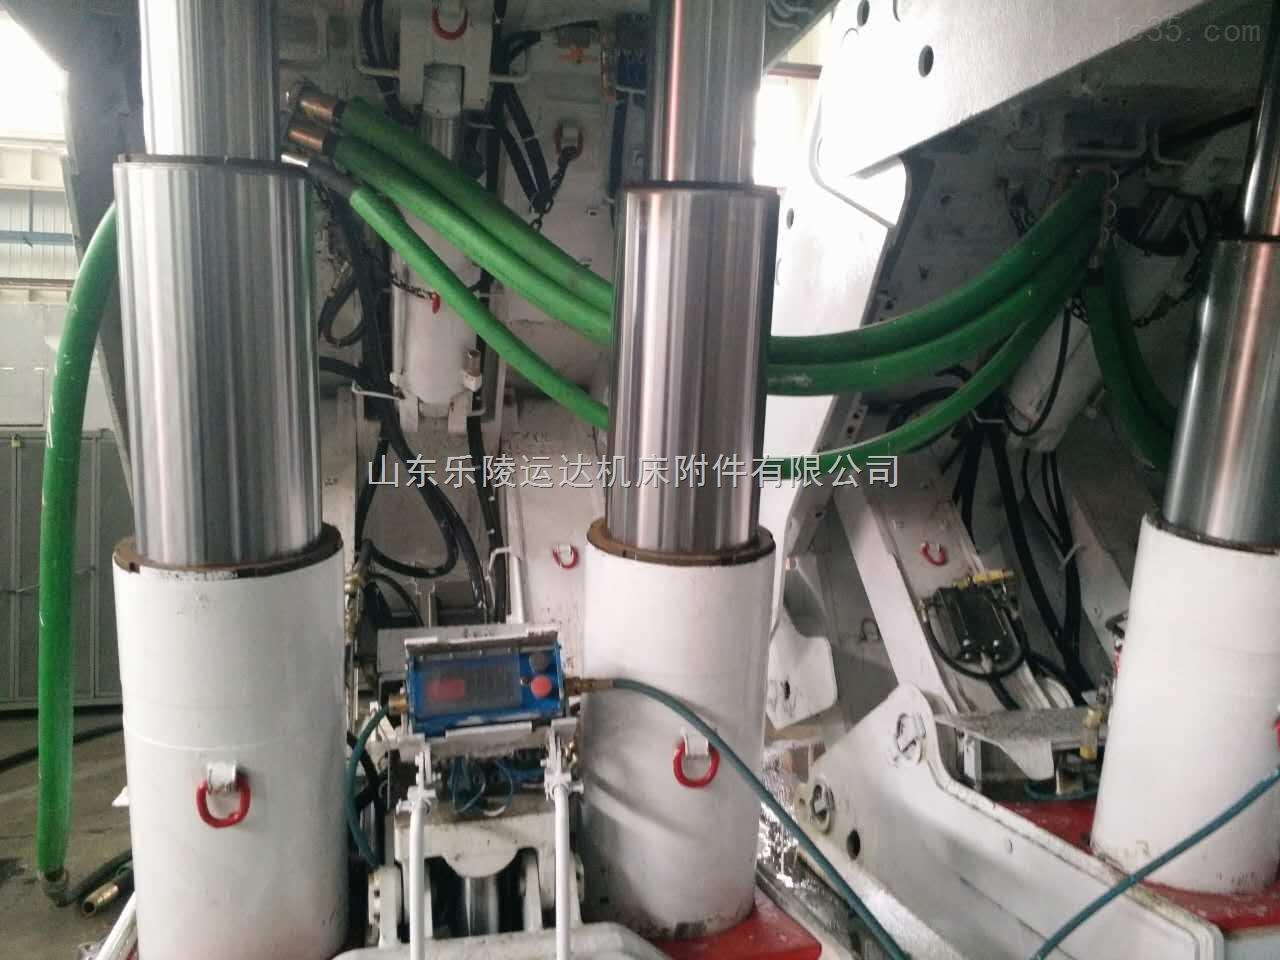 供应煤矿专用液压胶管保护套